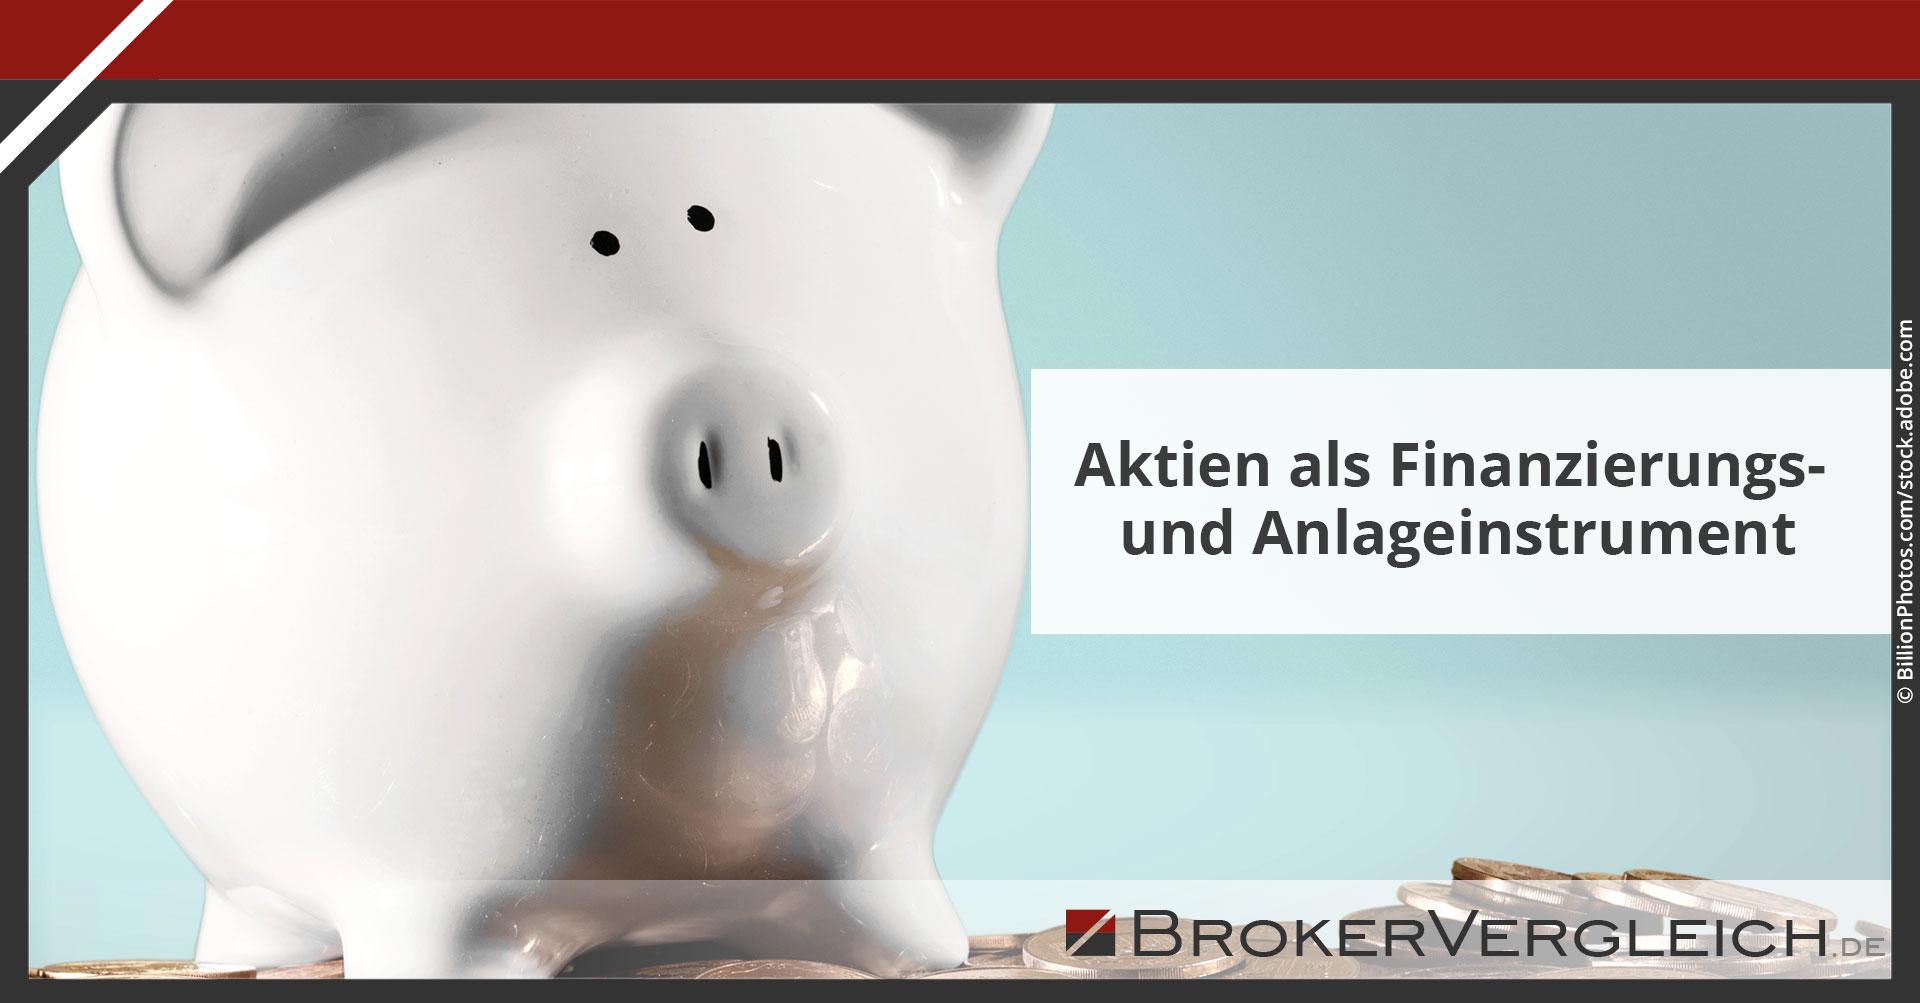 Zum Beitrag - Aktien als Finanzierungs- und Anlageinstrument